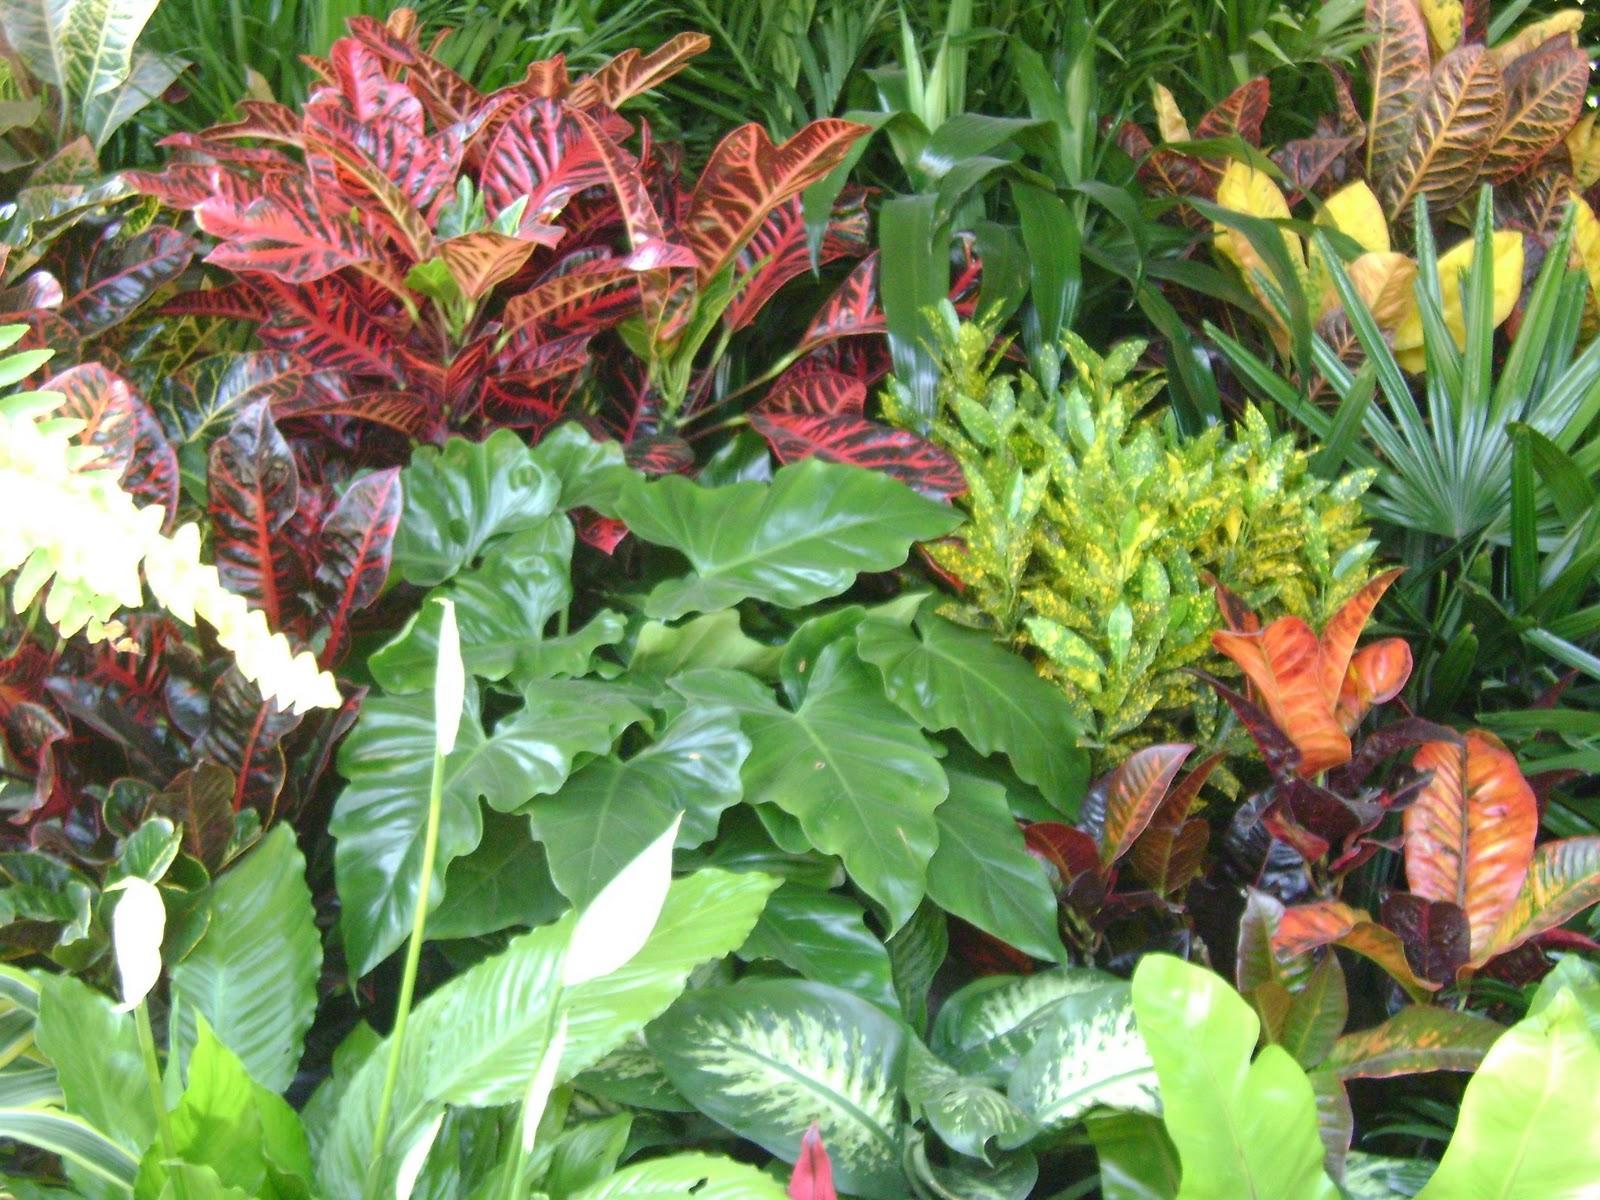 Jardines y macetas fotos de plantas de interior y exterior - Plantas de jardin exterior ...